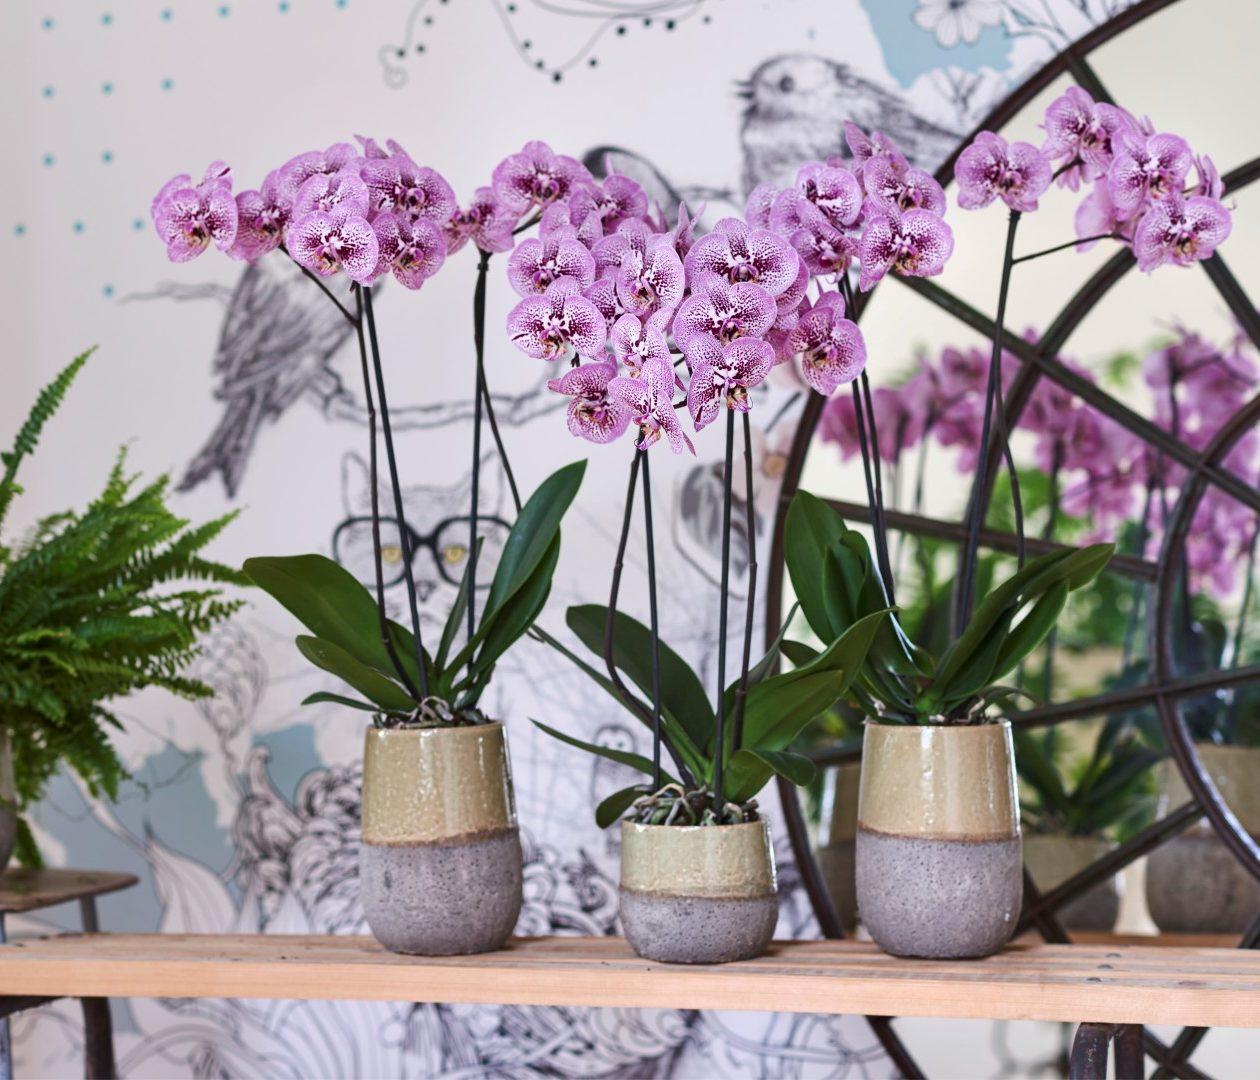 Paarse phalaenopsis planten: voor elk wat wils!